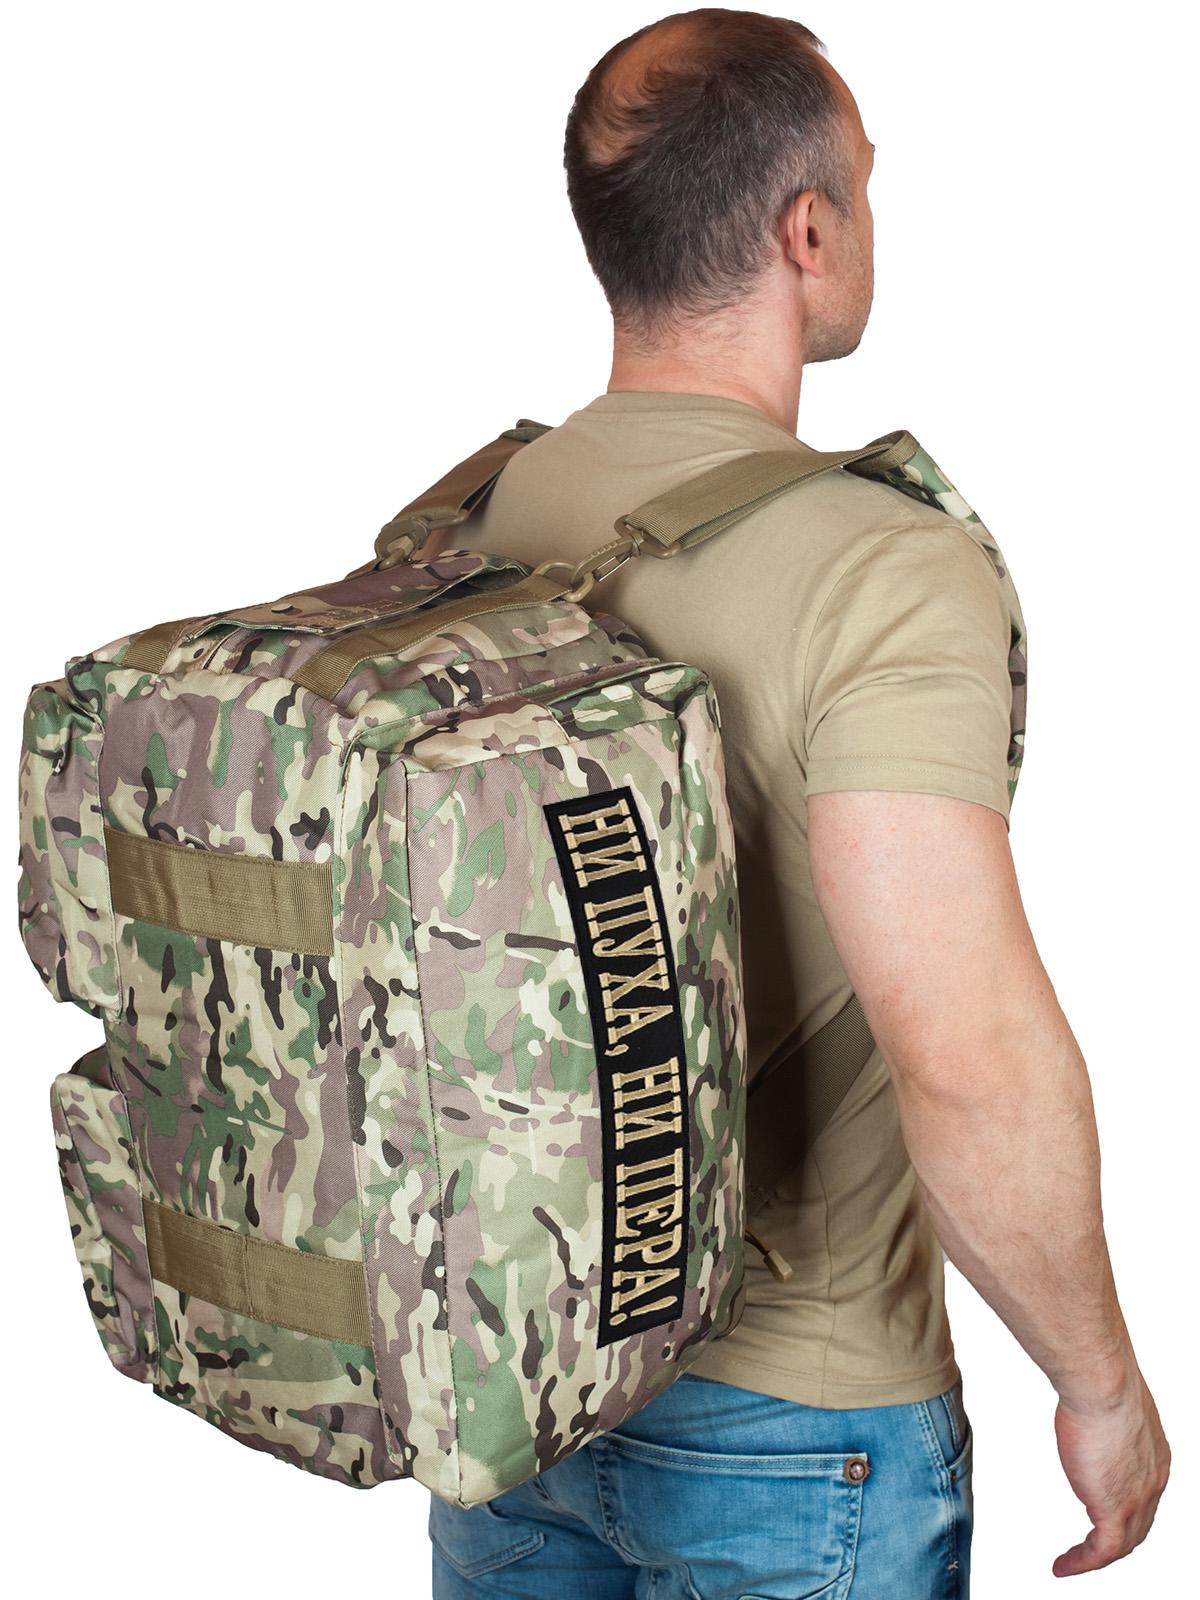 Купить камуфляжную походную сумку Ни пуха, Ни пера по специальной цене